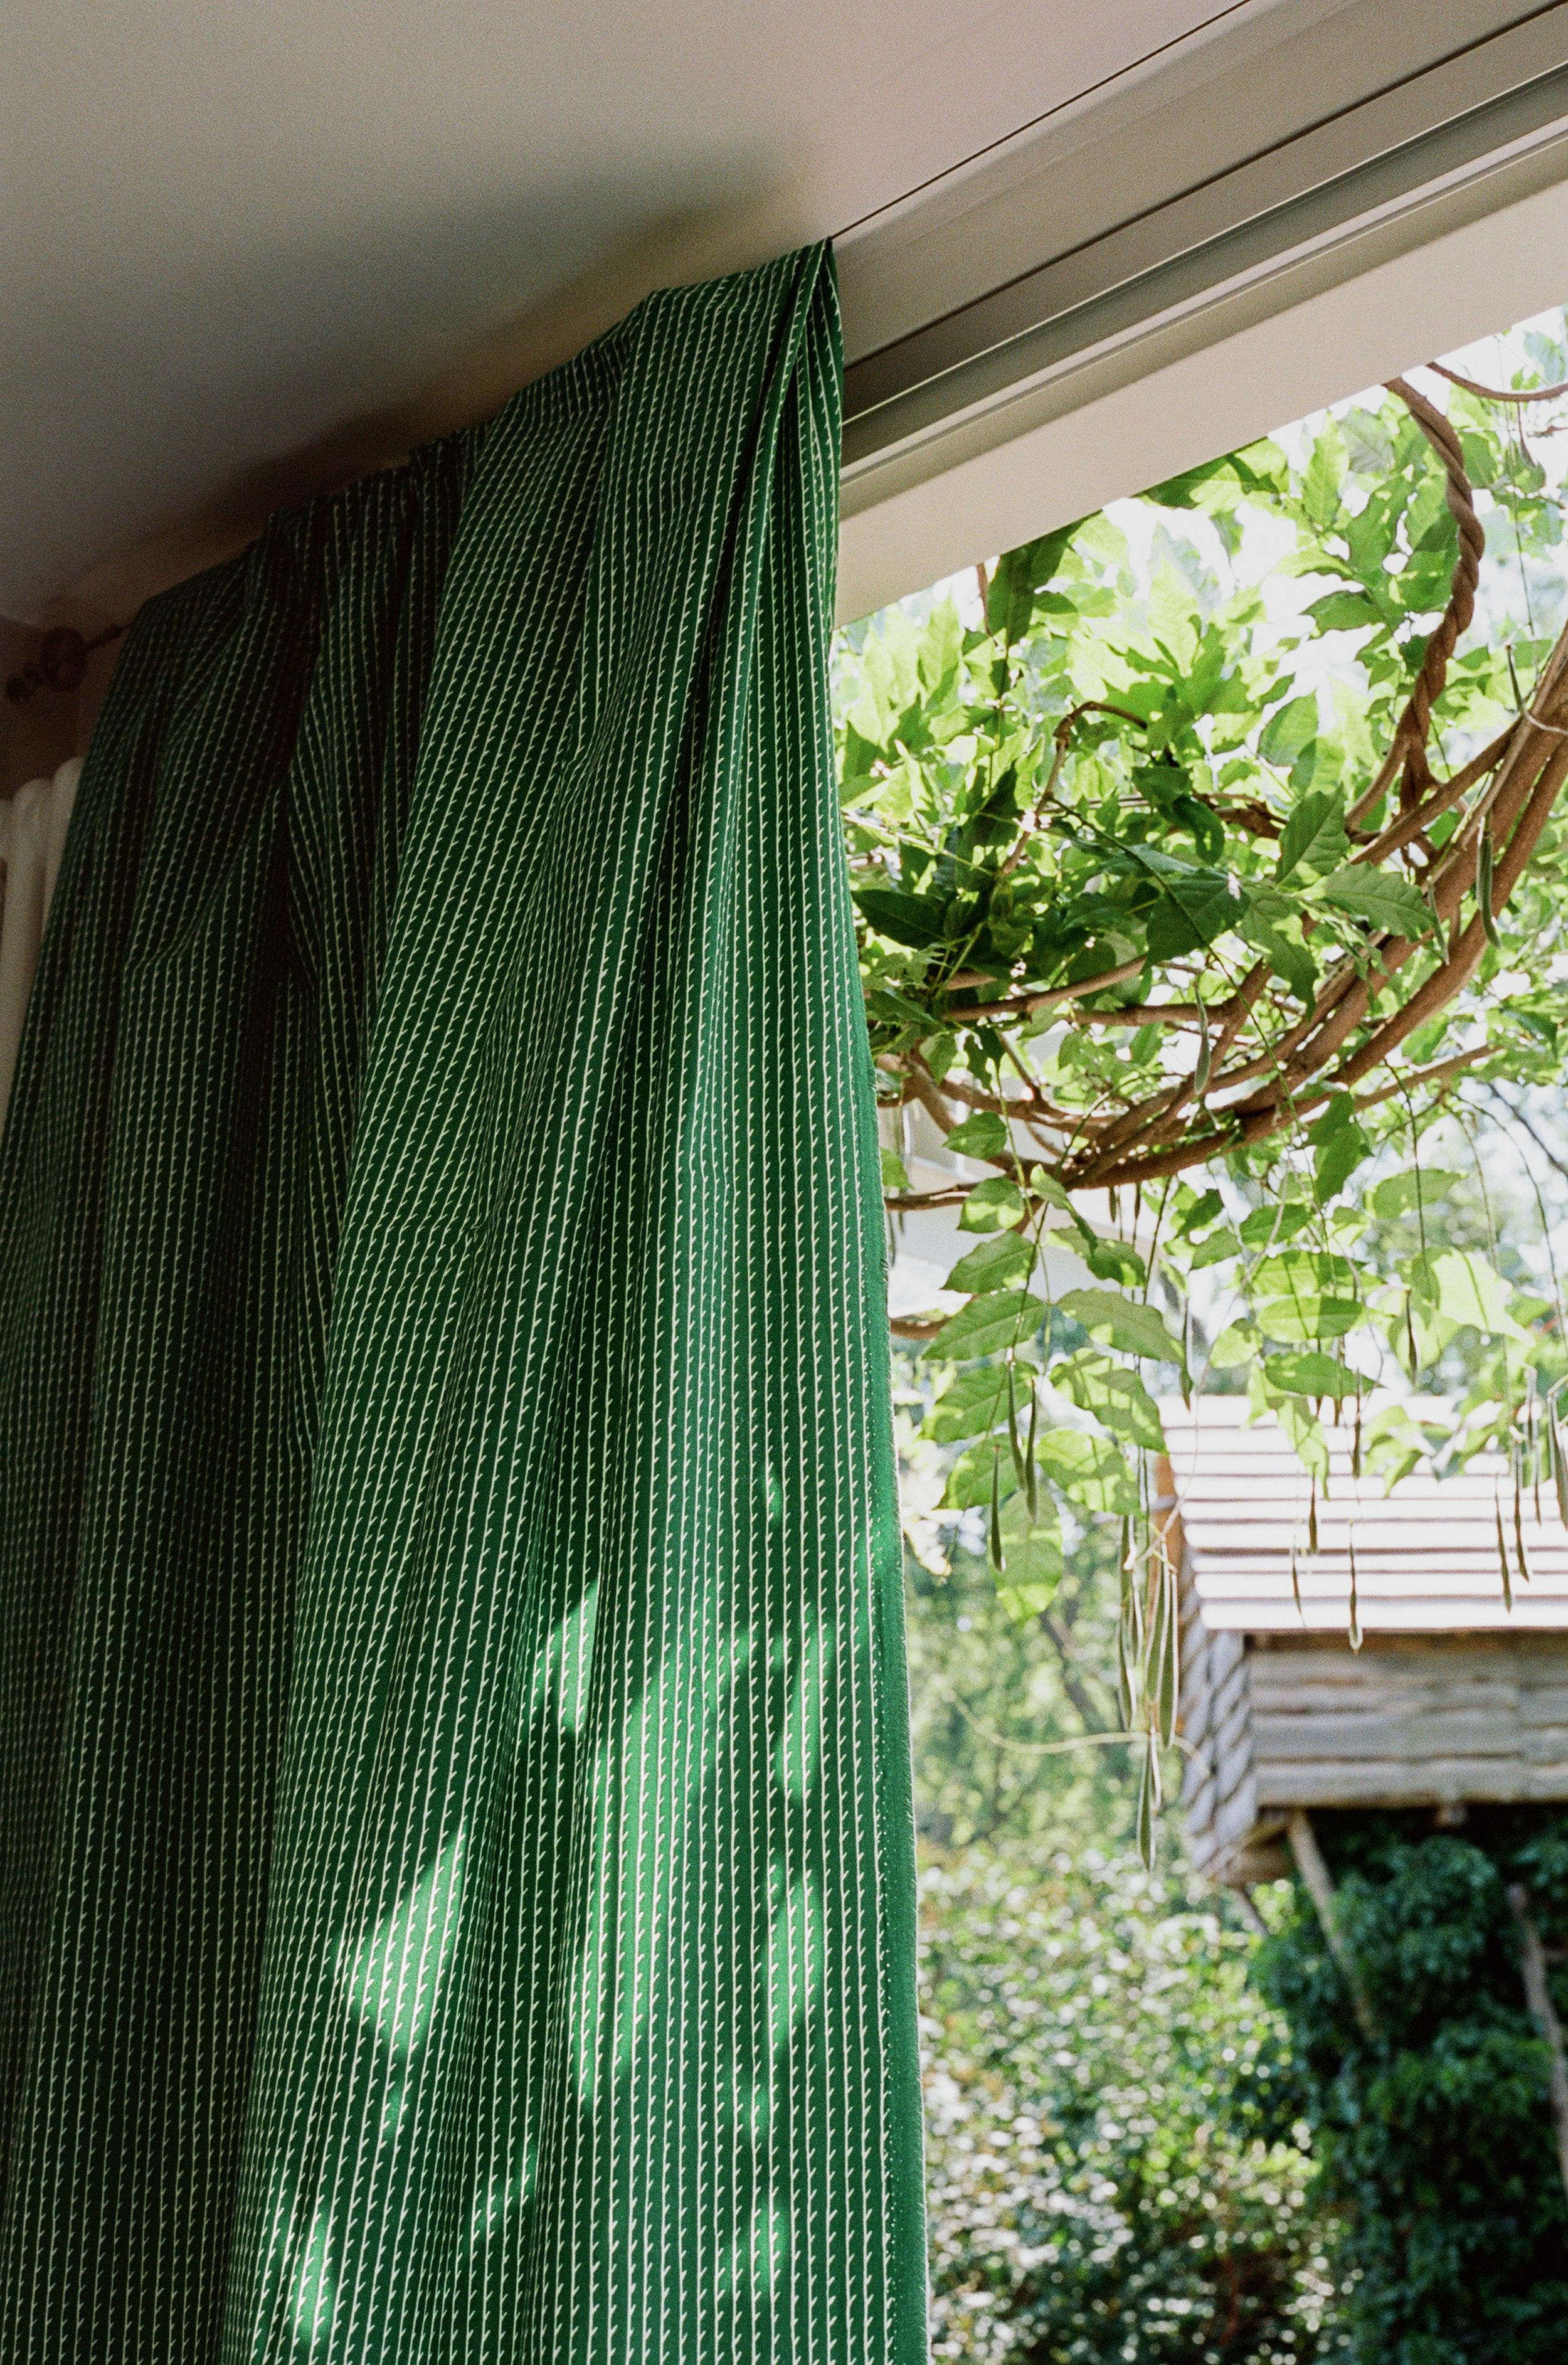 Rivi_Fabric_as_curtain_green_white.jpg